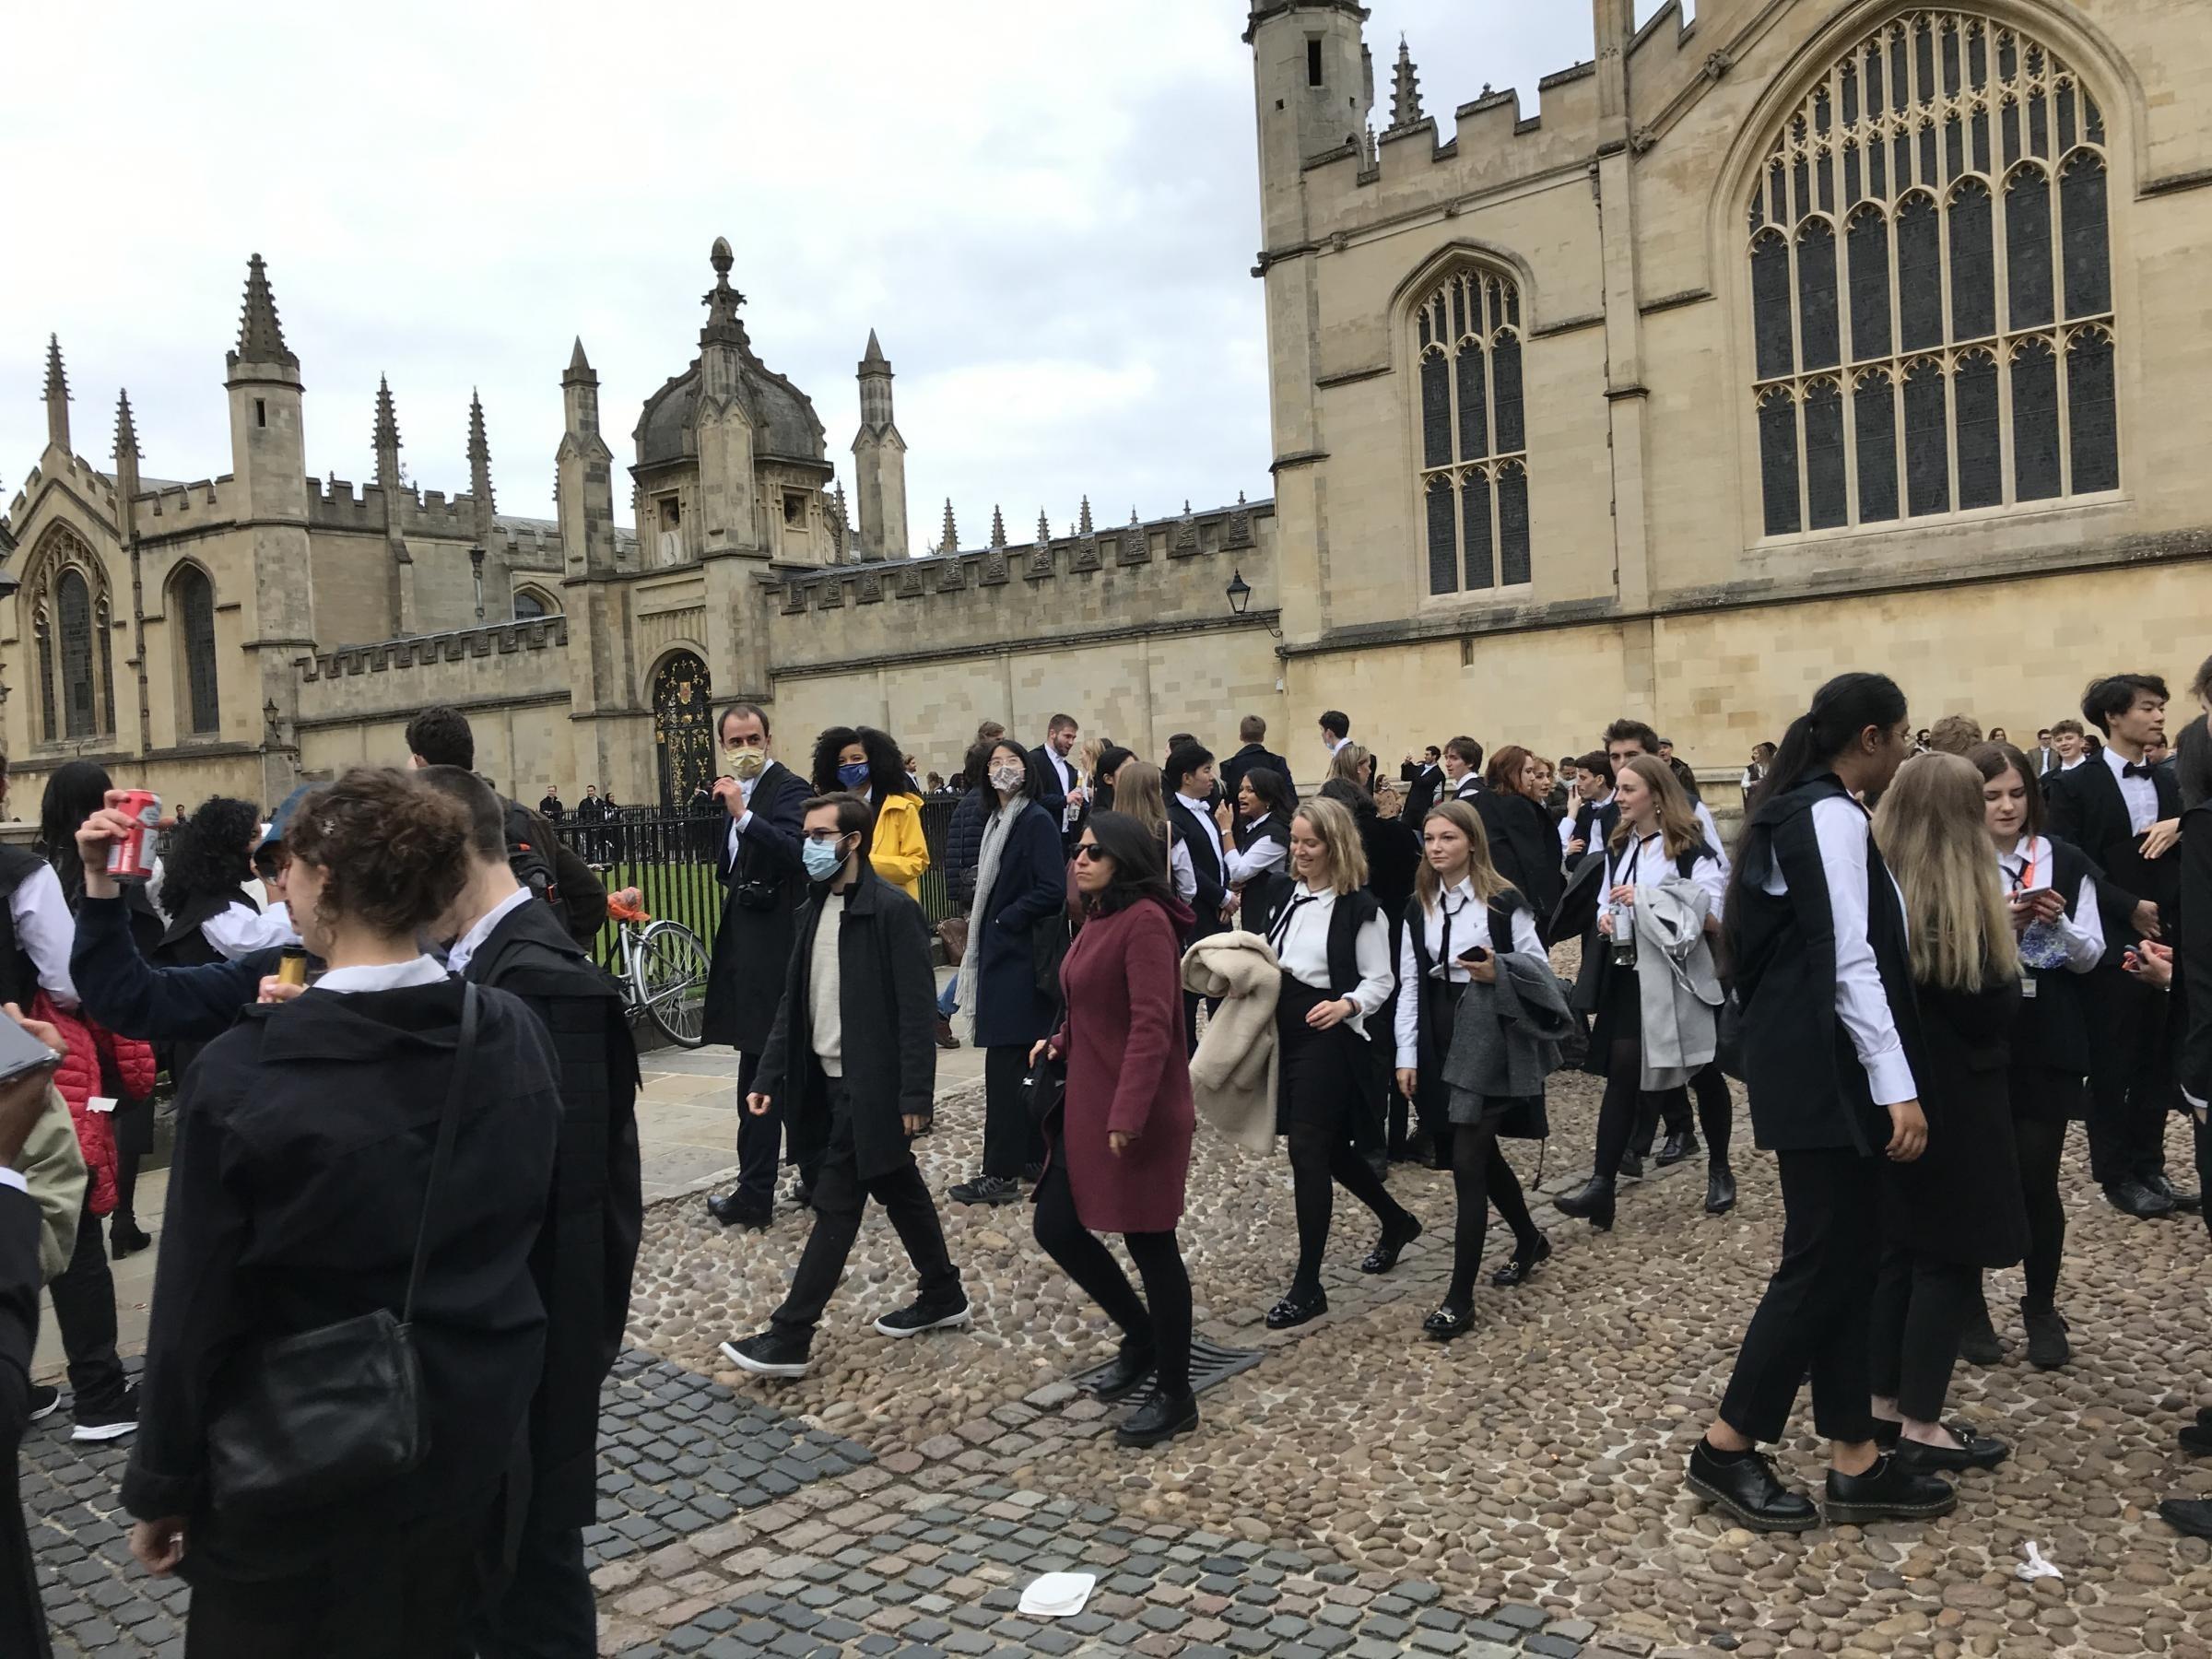 جامعة أوكسفورد البريطانية من أشهر الجامعات العالمية.